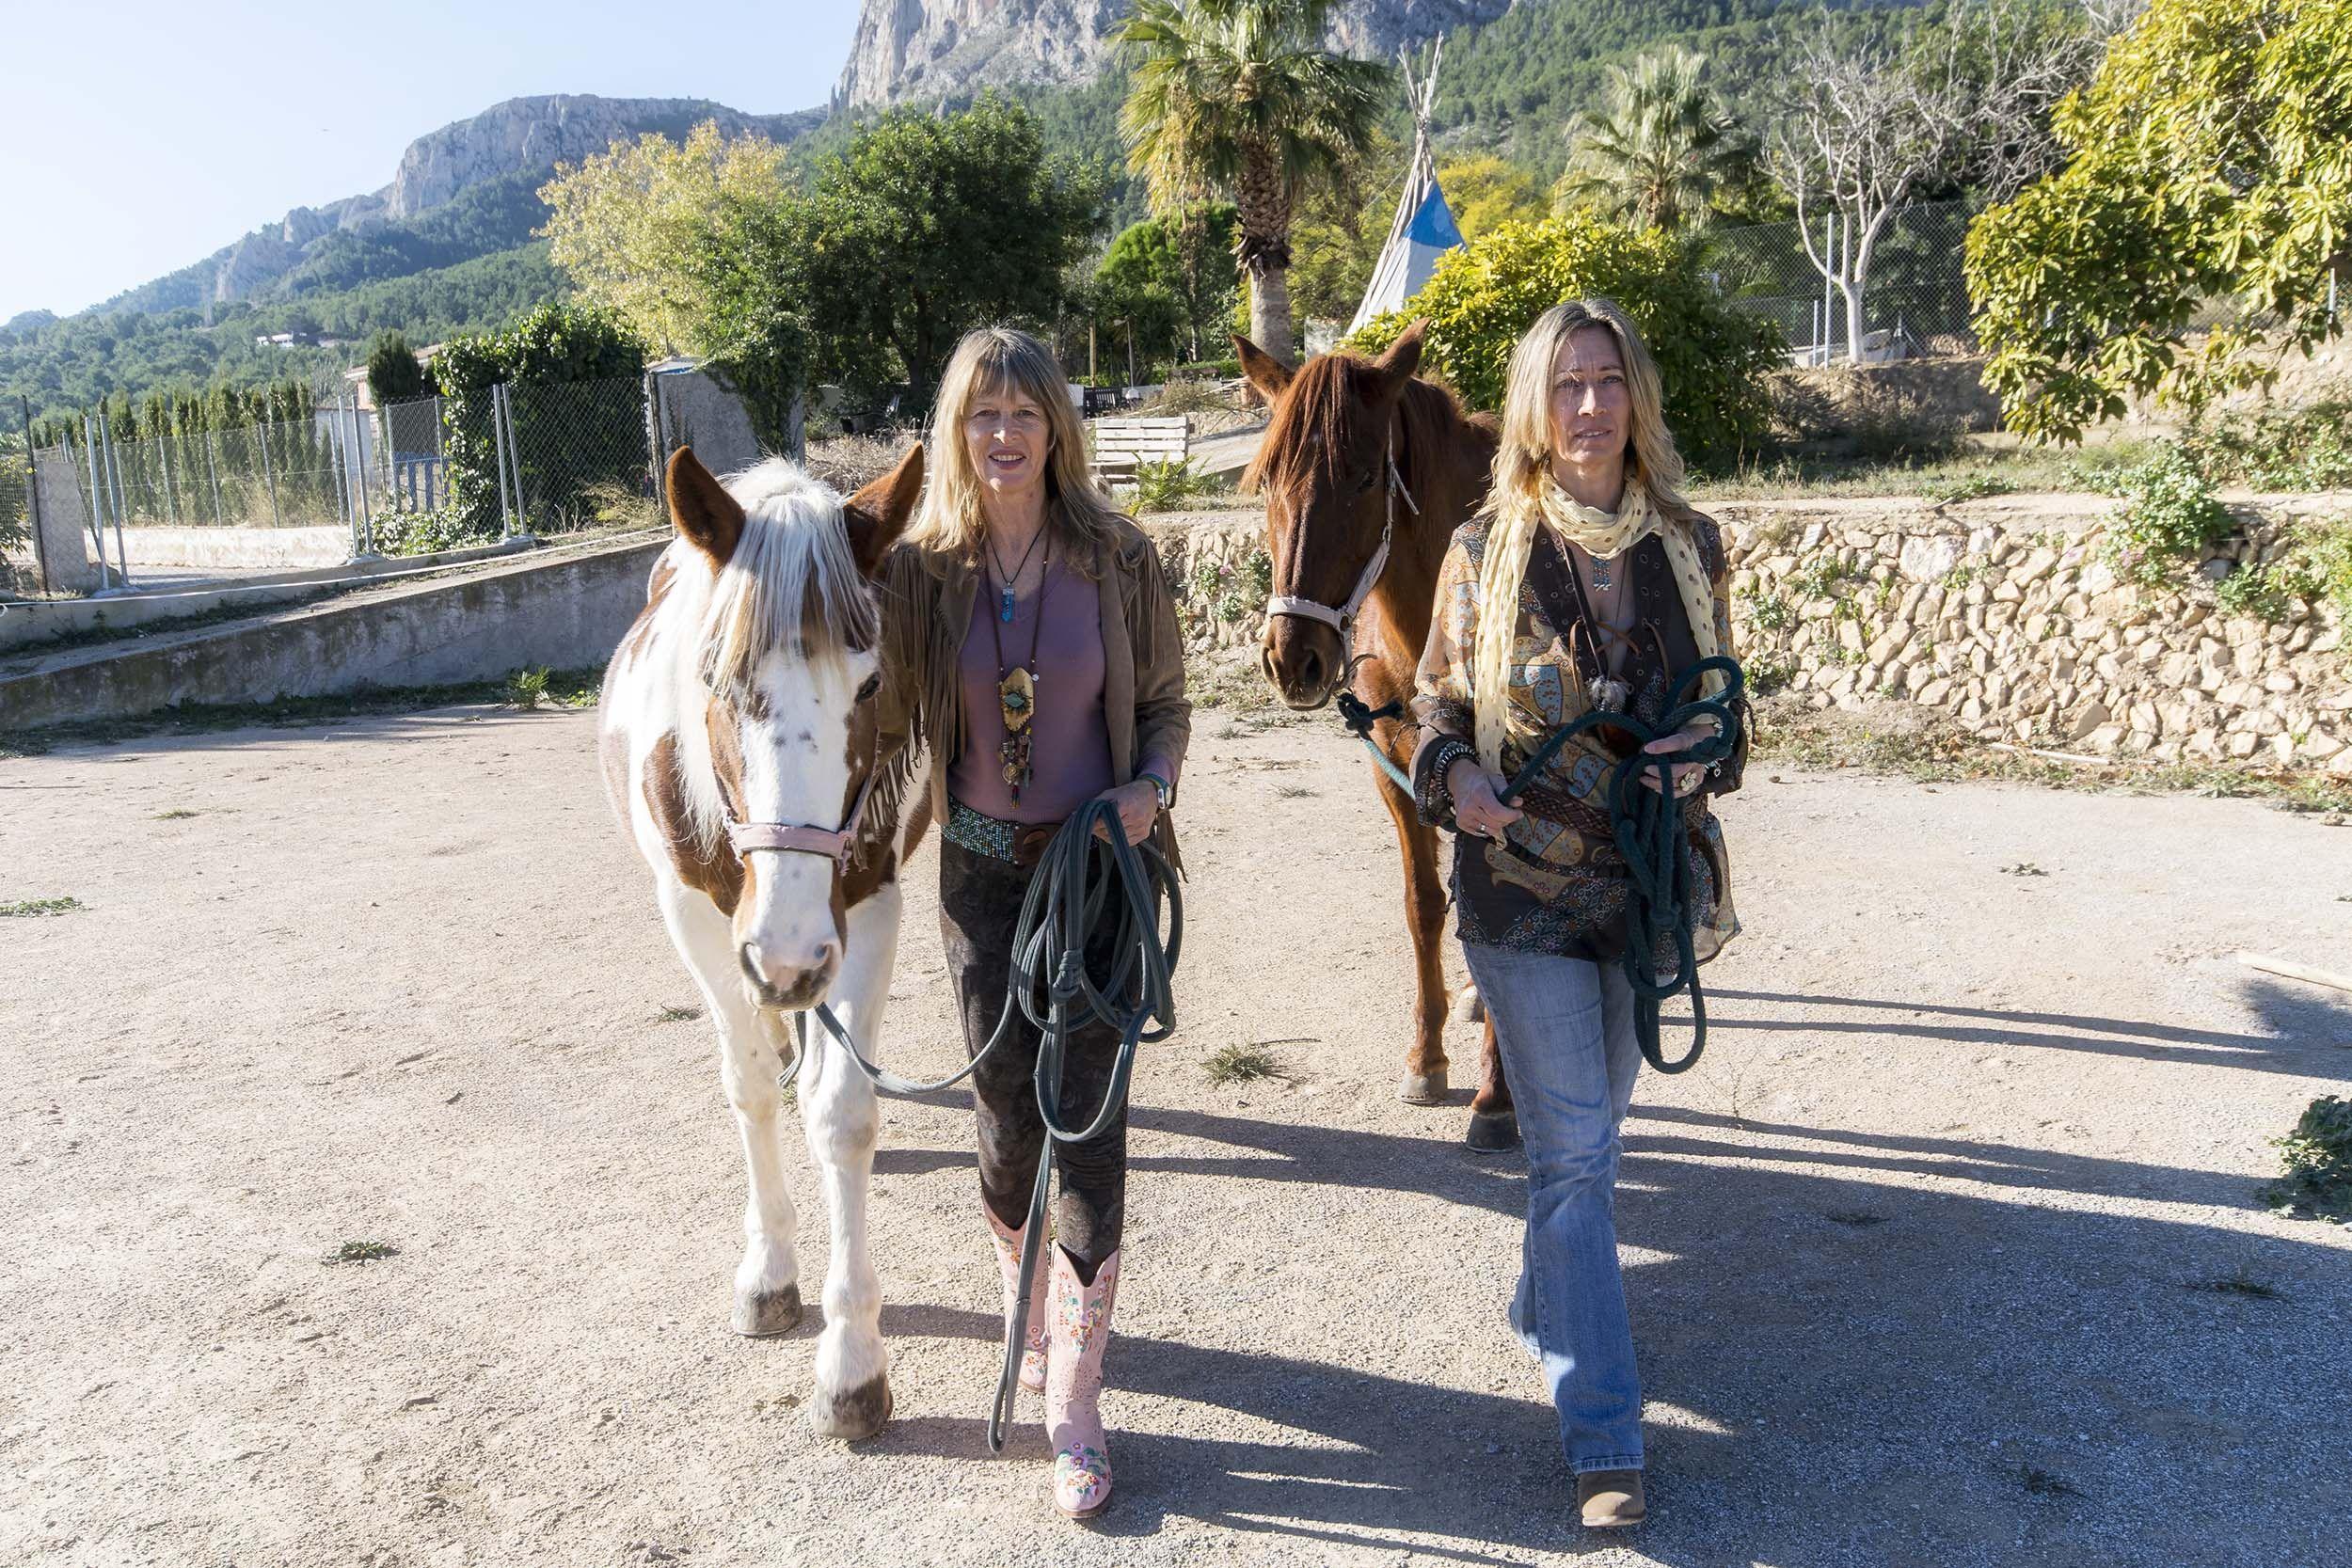 Terapias y desarrollo personal en Alicante